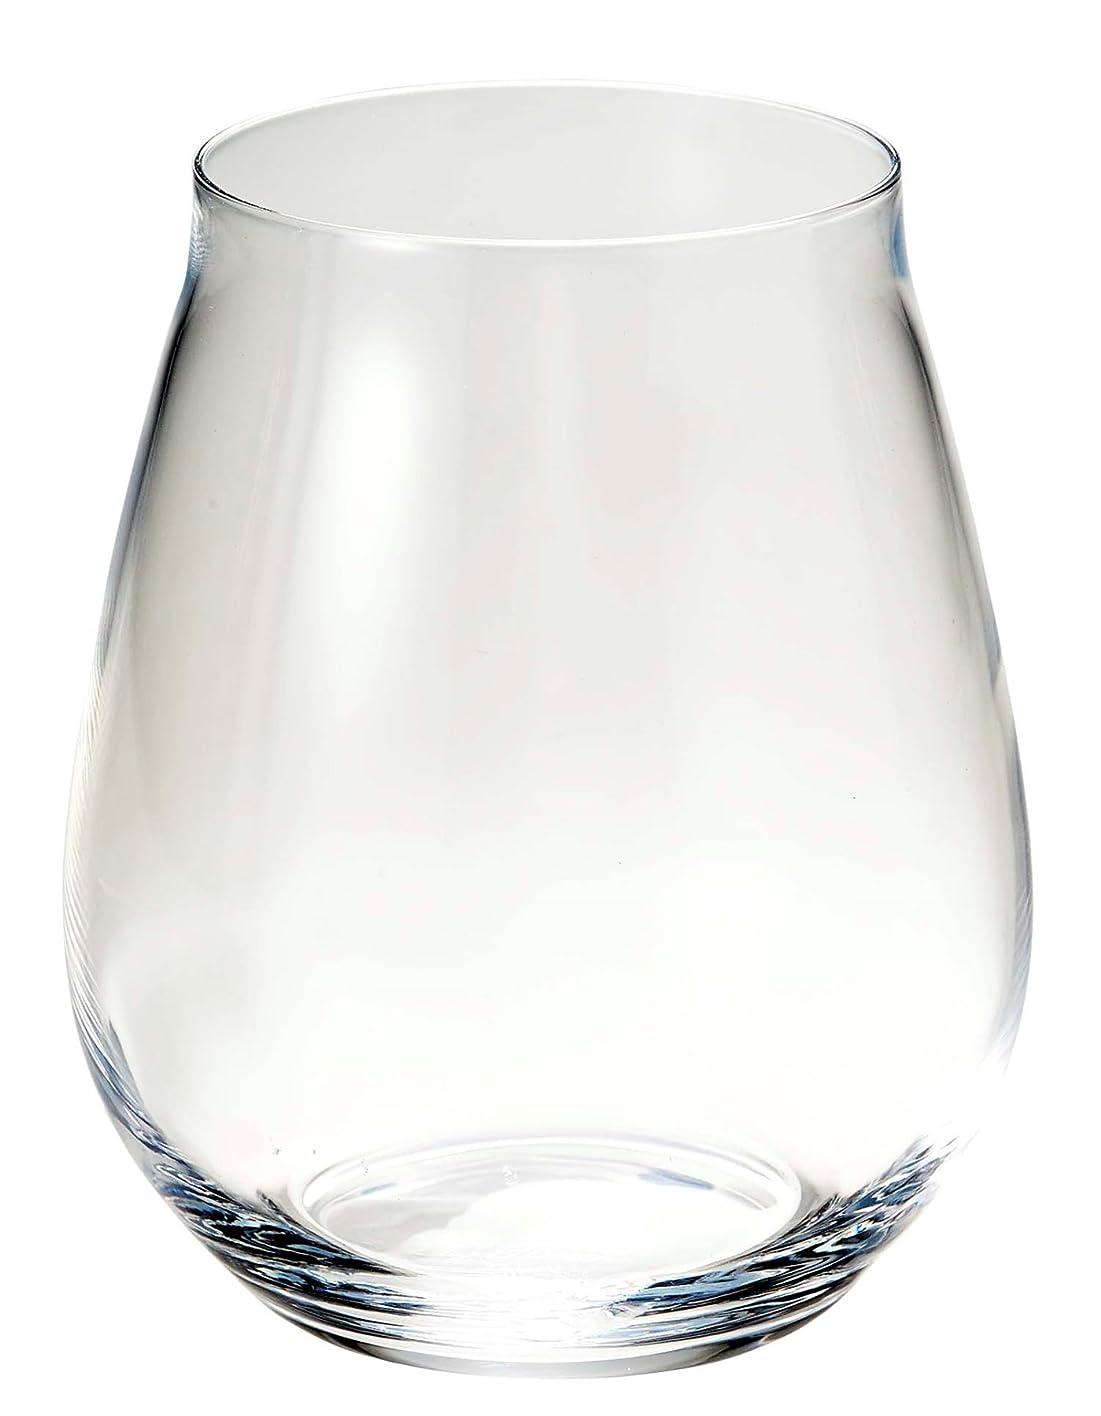 食事無声でマスクLuigi Bormioli(ルイジ ボルミオリ) VINEA グラス 670ml LU72